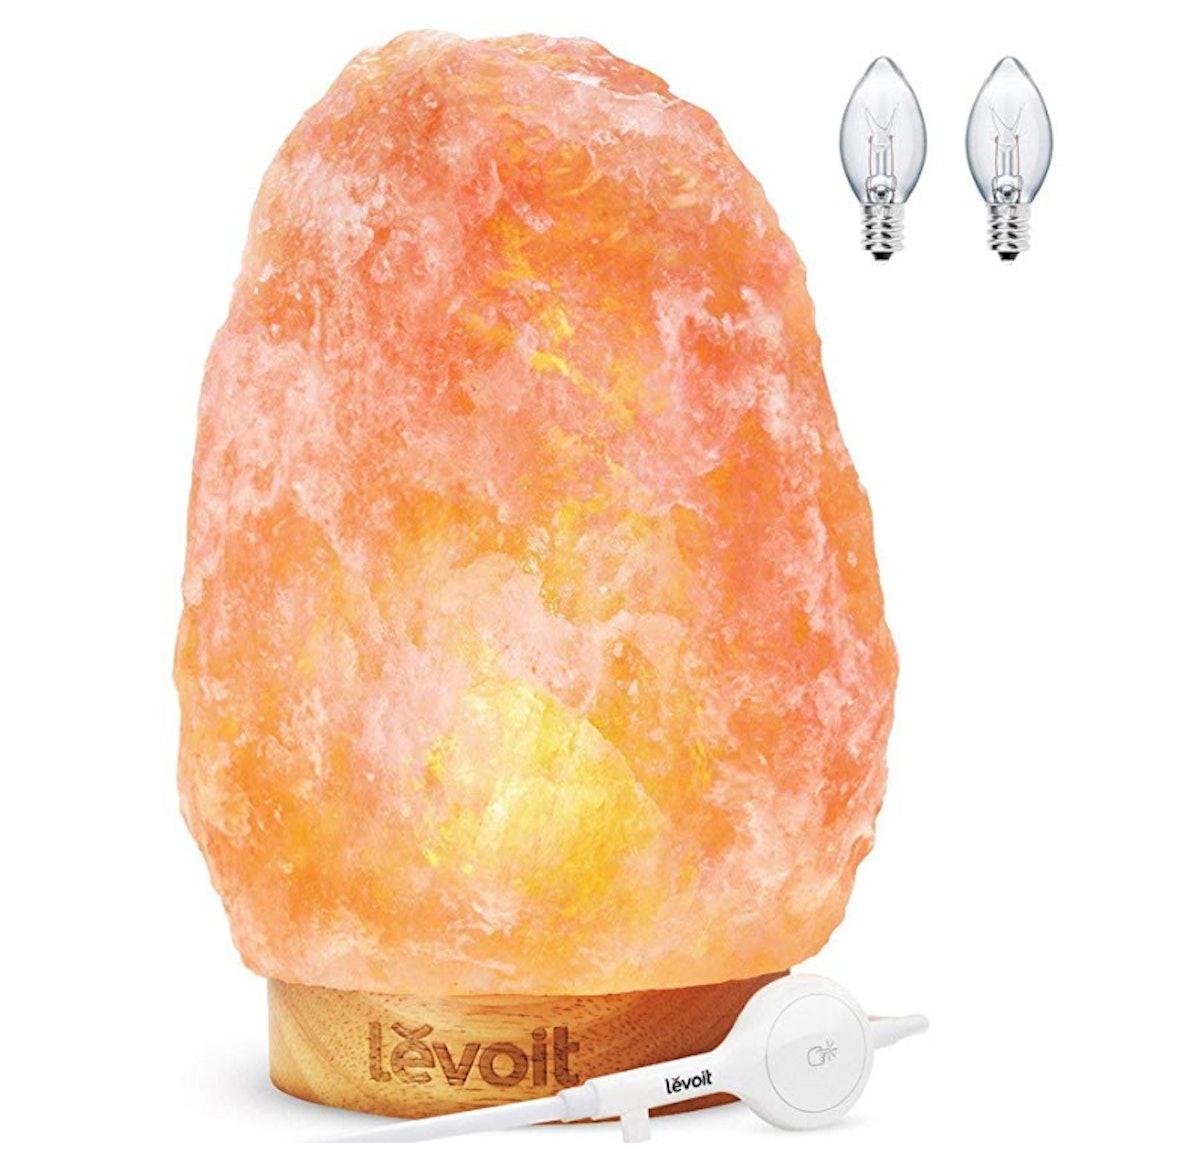 Levoit Kana Himalayan Salt Rock Lamp